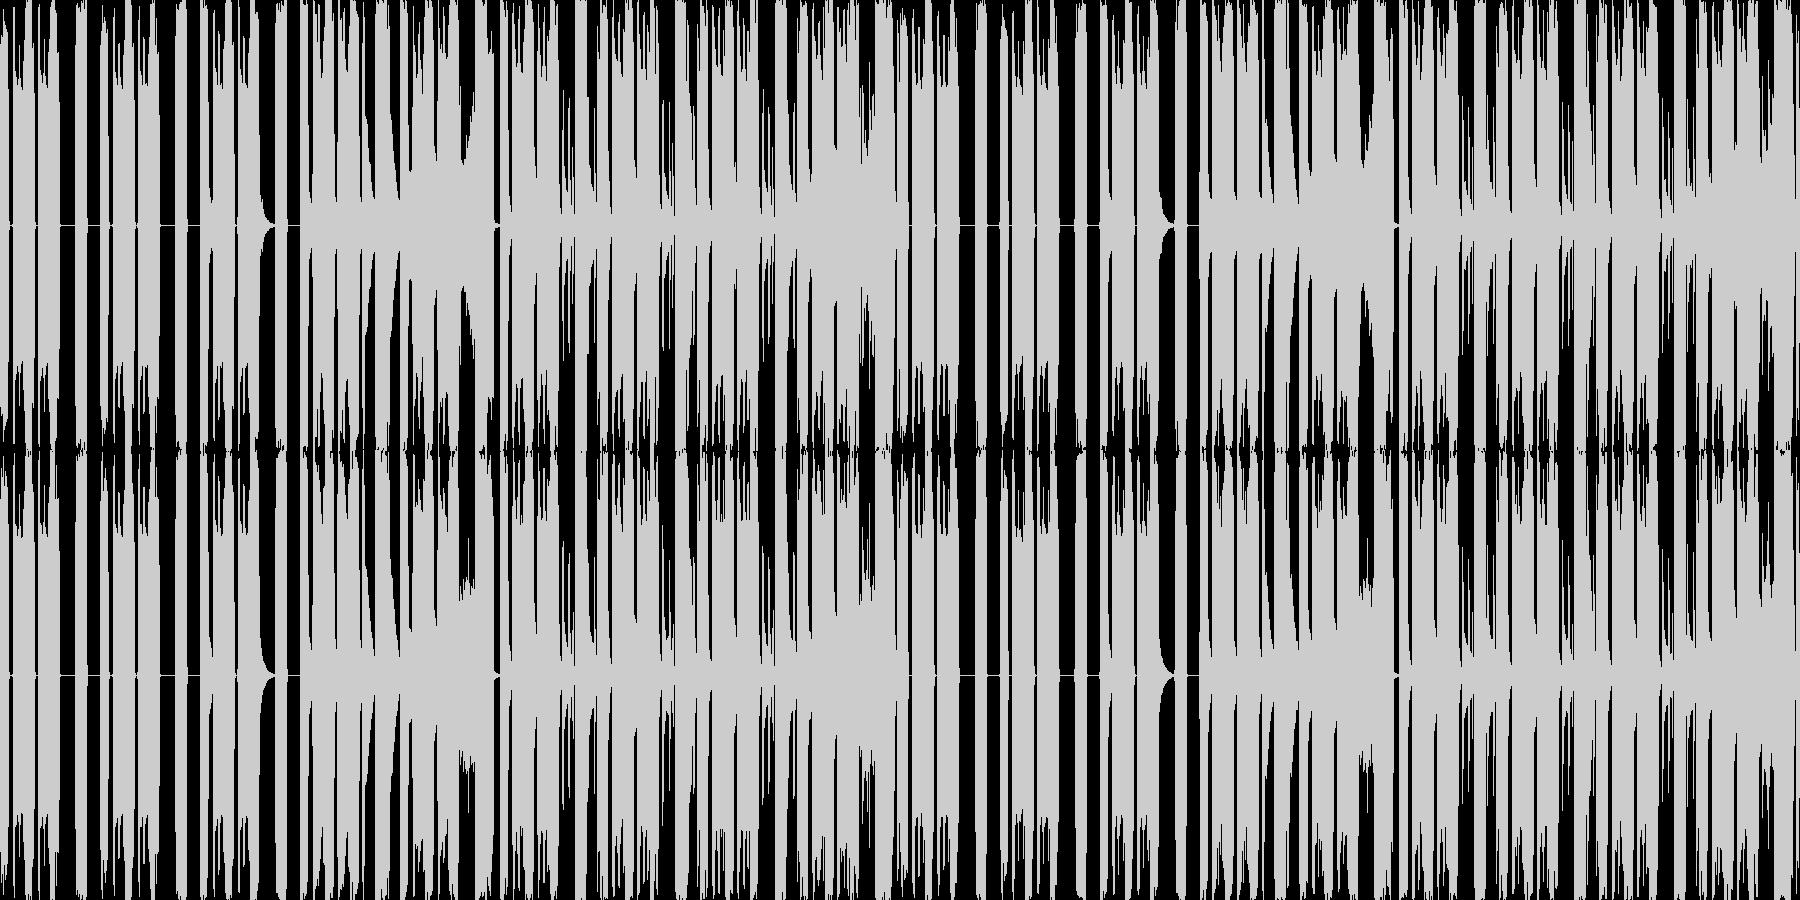 【★ポップ/クイズ/EDM/BGM】の未再生の波形